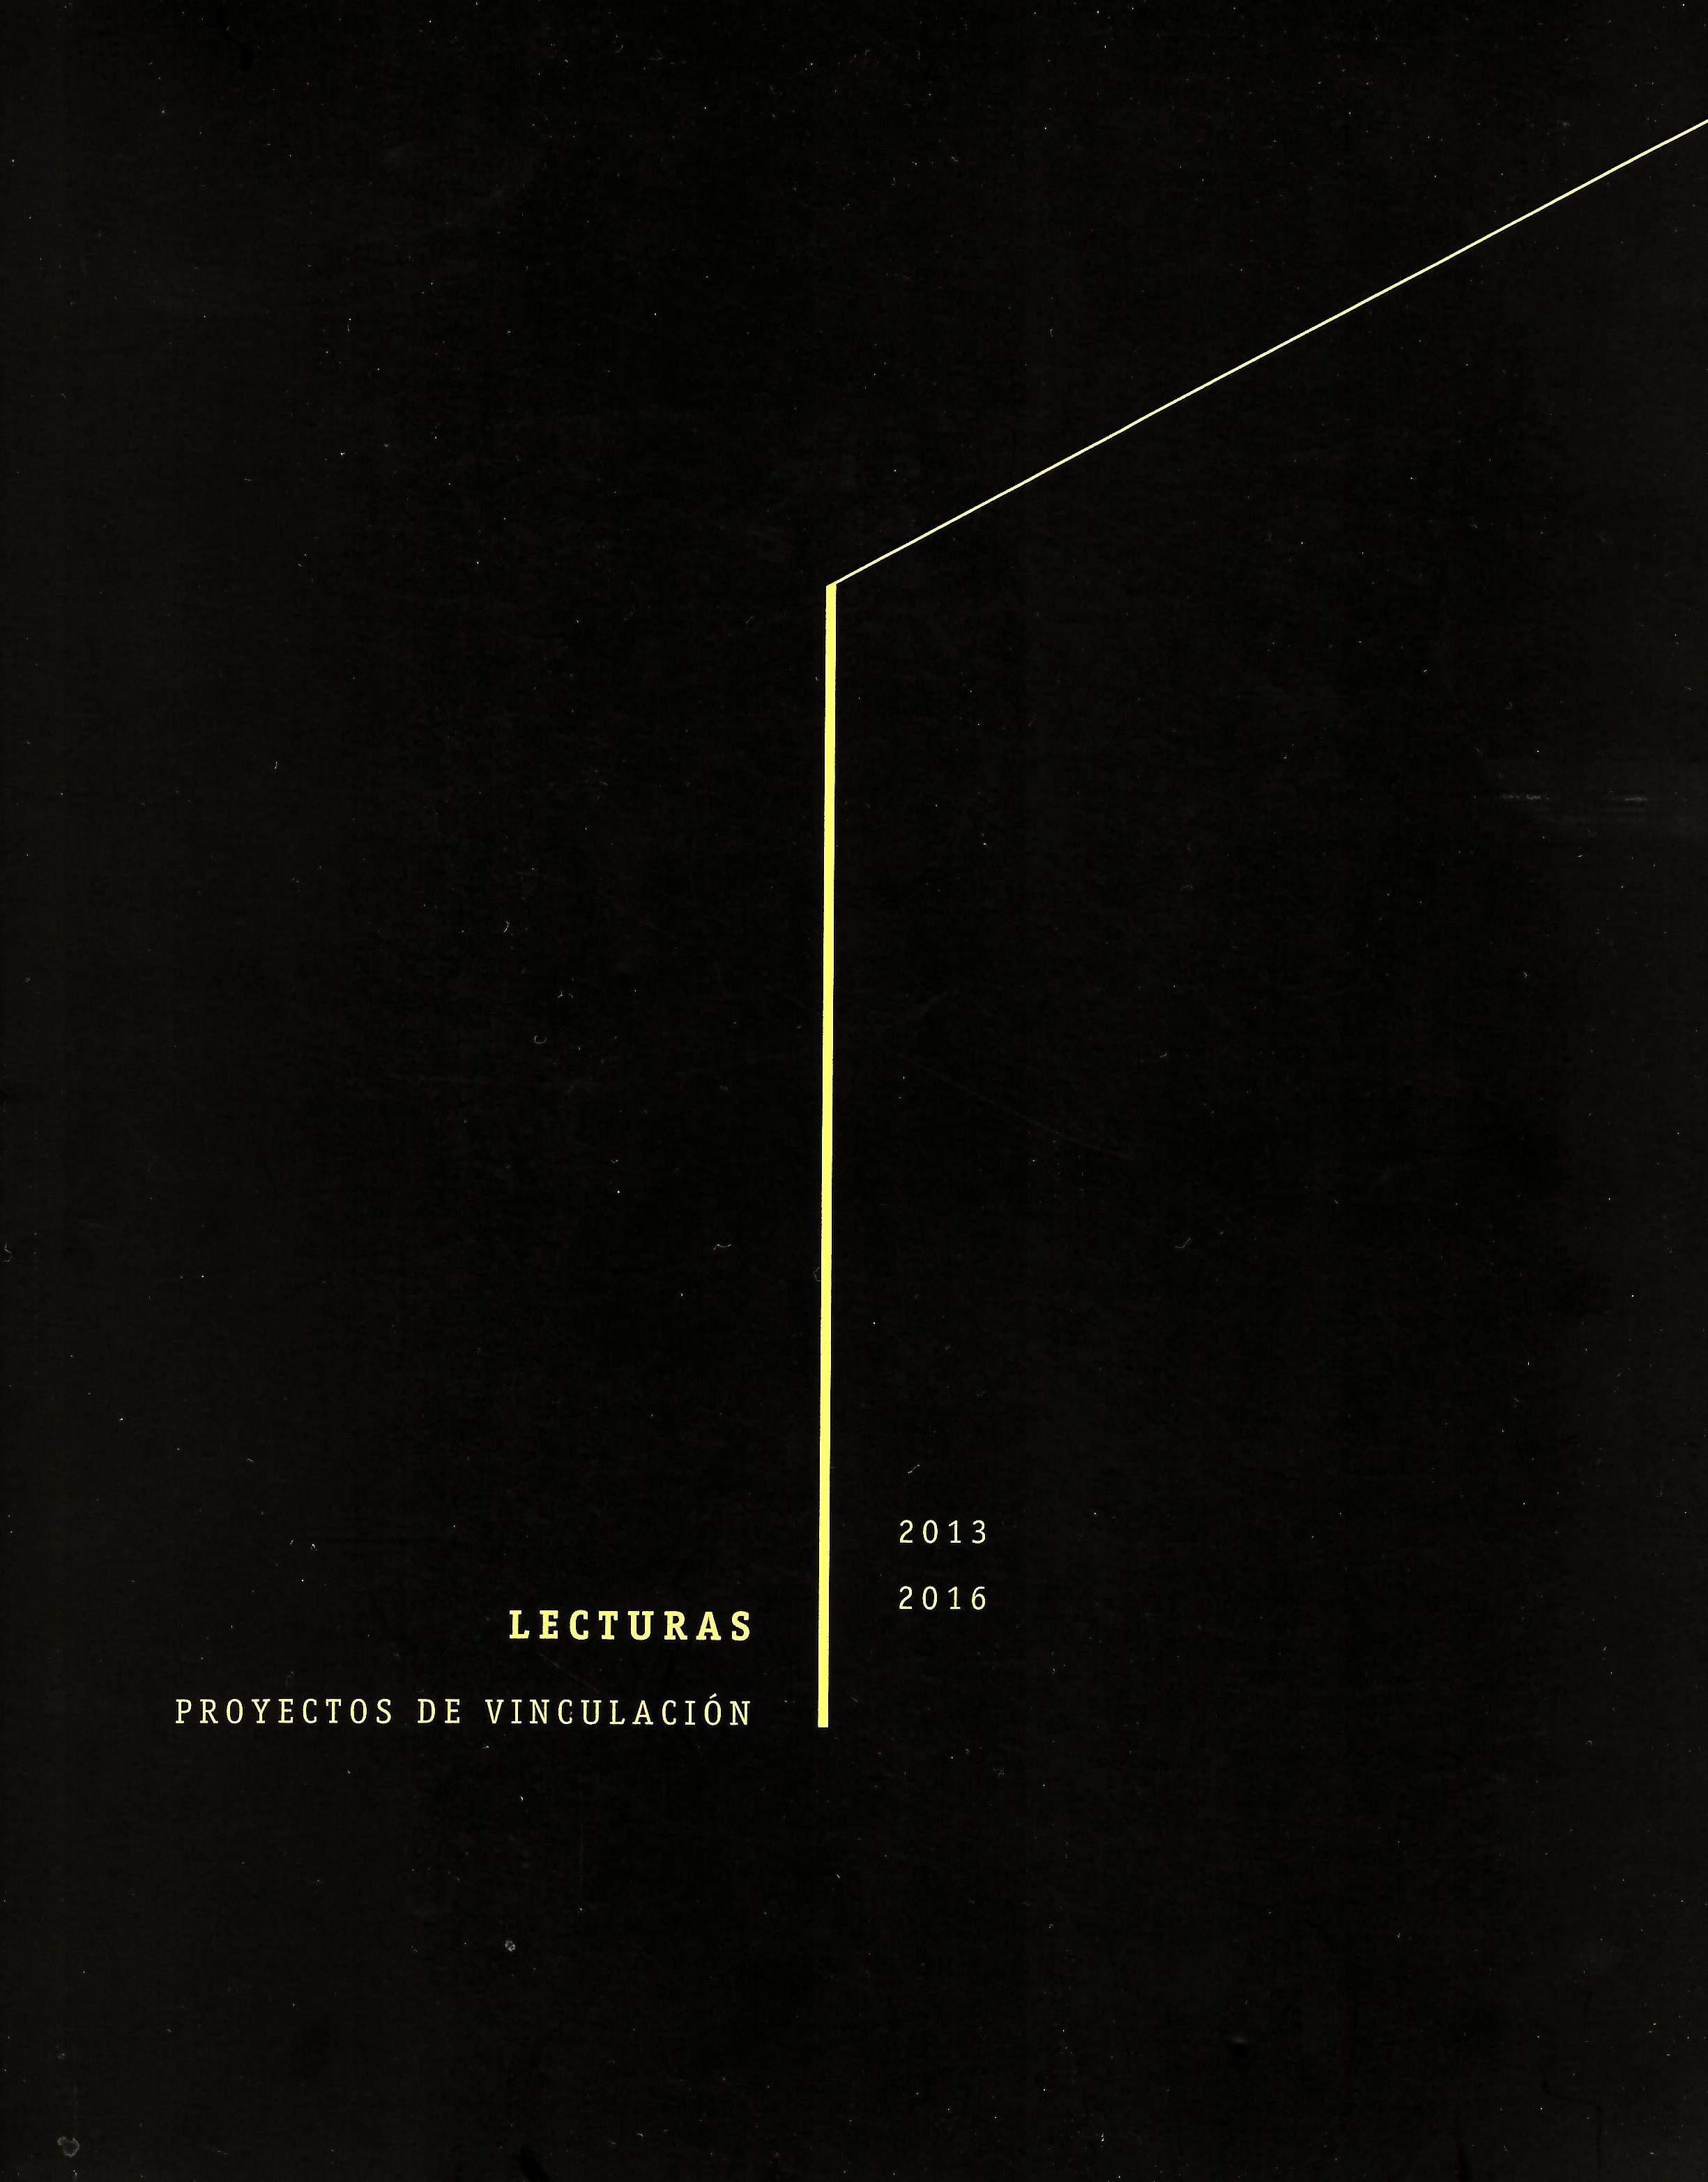 Lecturas Proyectos de vinculación 2013-2016